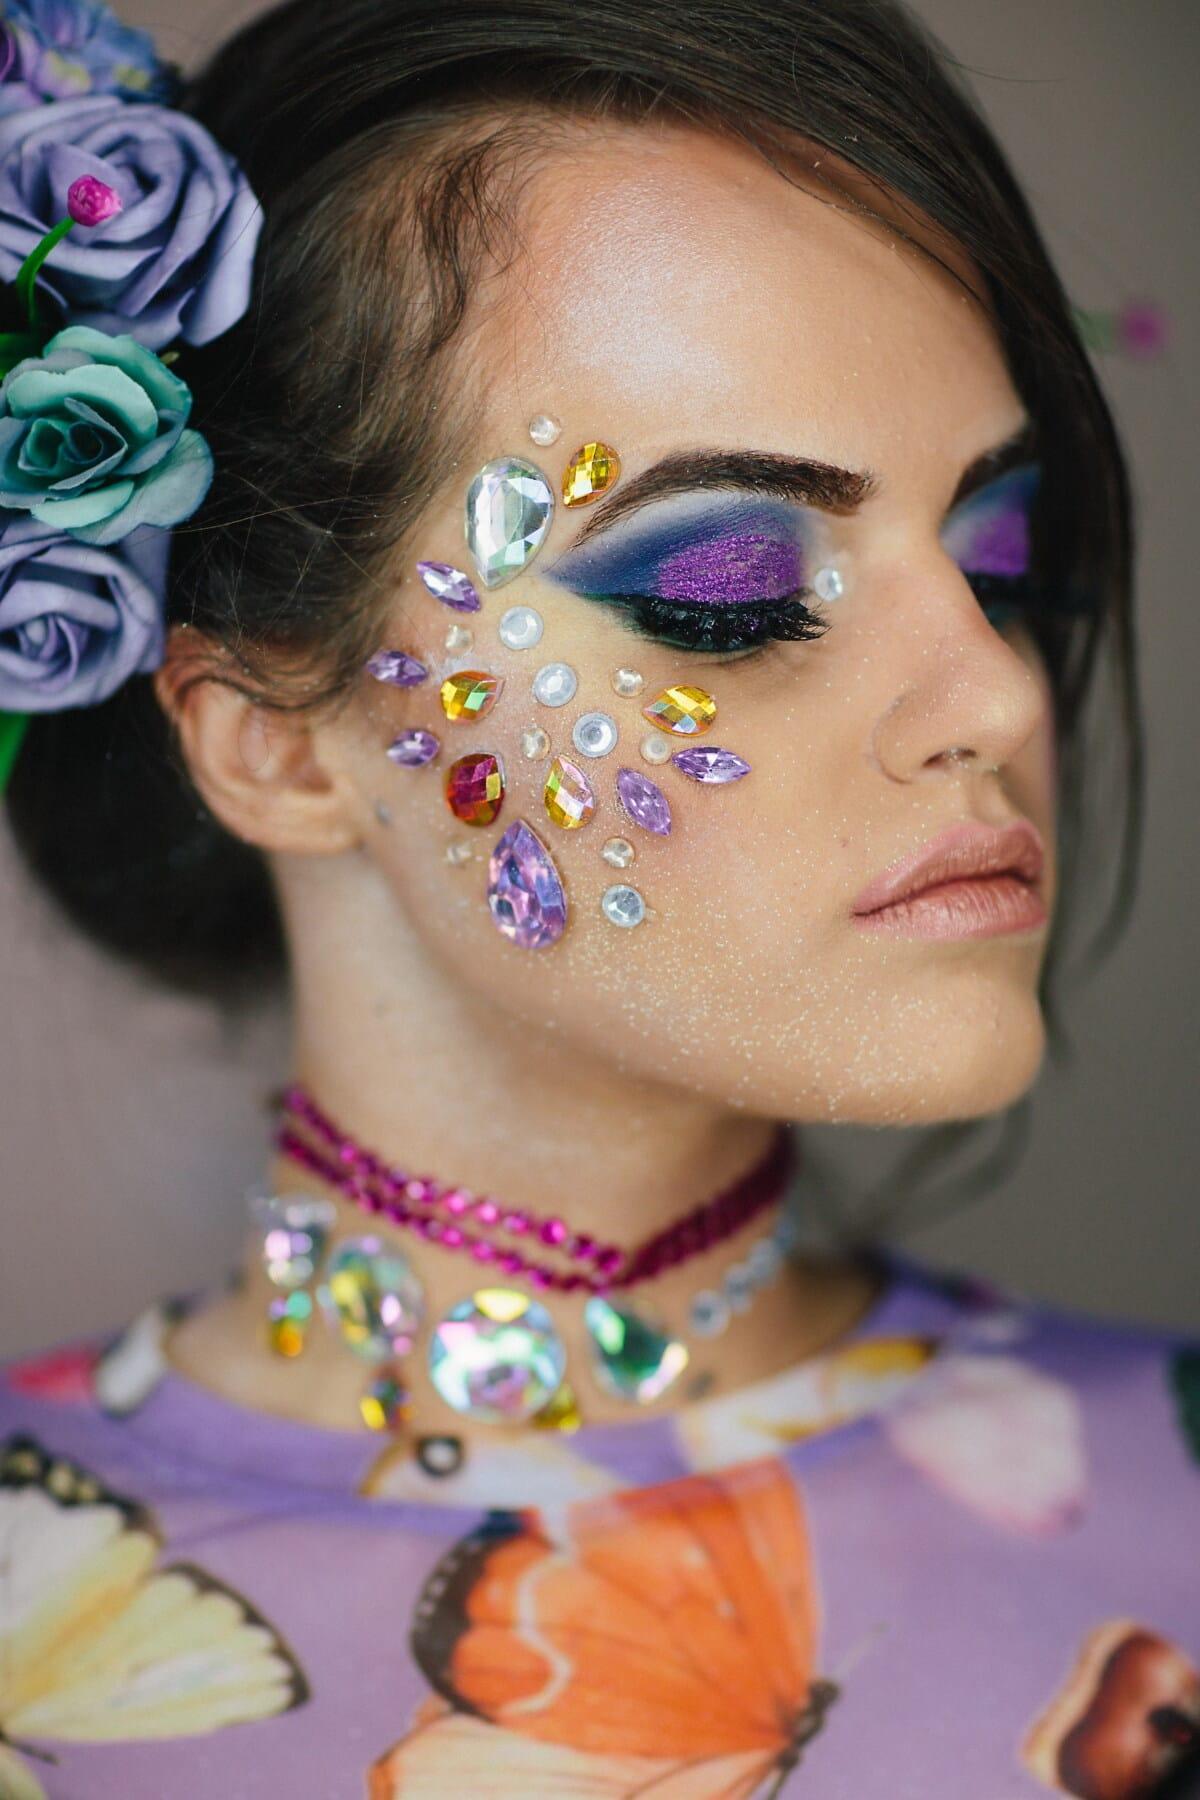 Make-up, Wimpern, Auge, Lippen, Lippenstift, Juwel, Haut, hübsches mädchen, Teenager, Lust auf